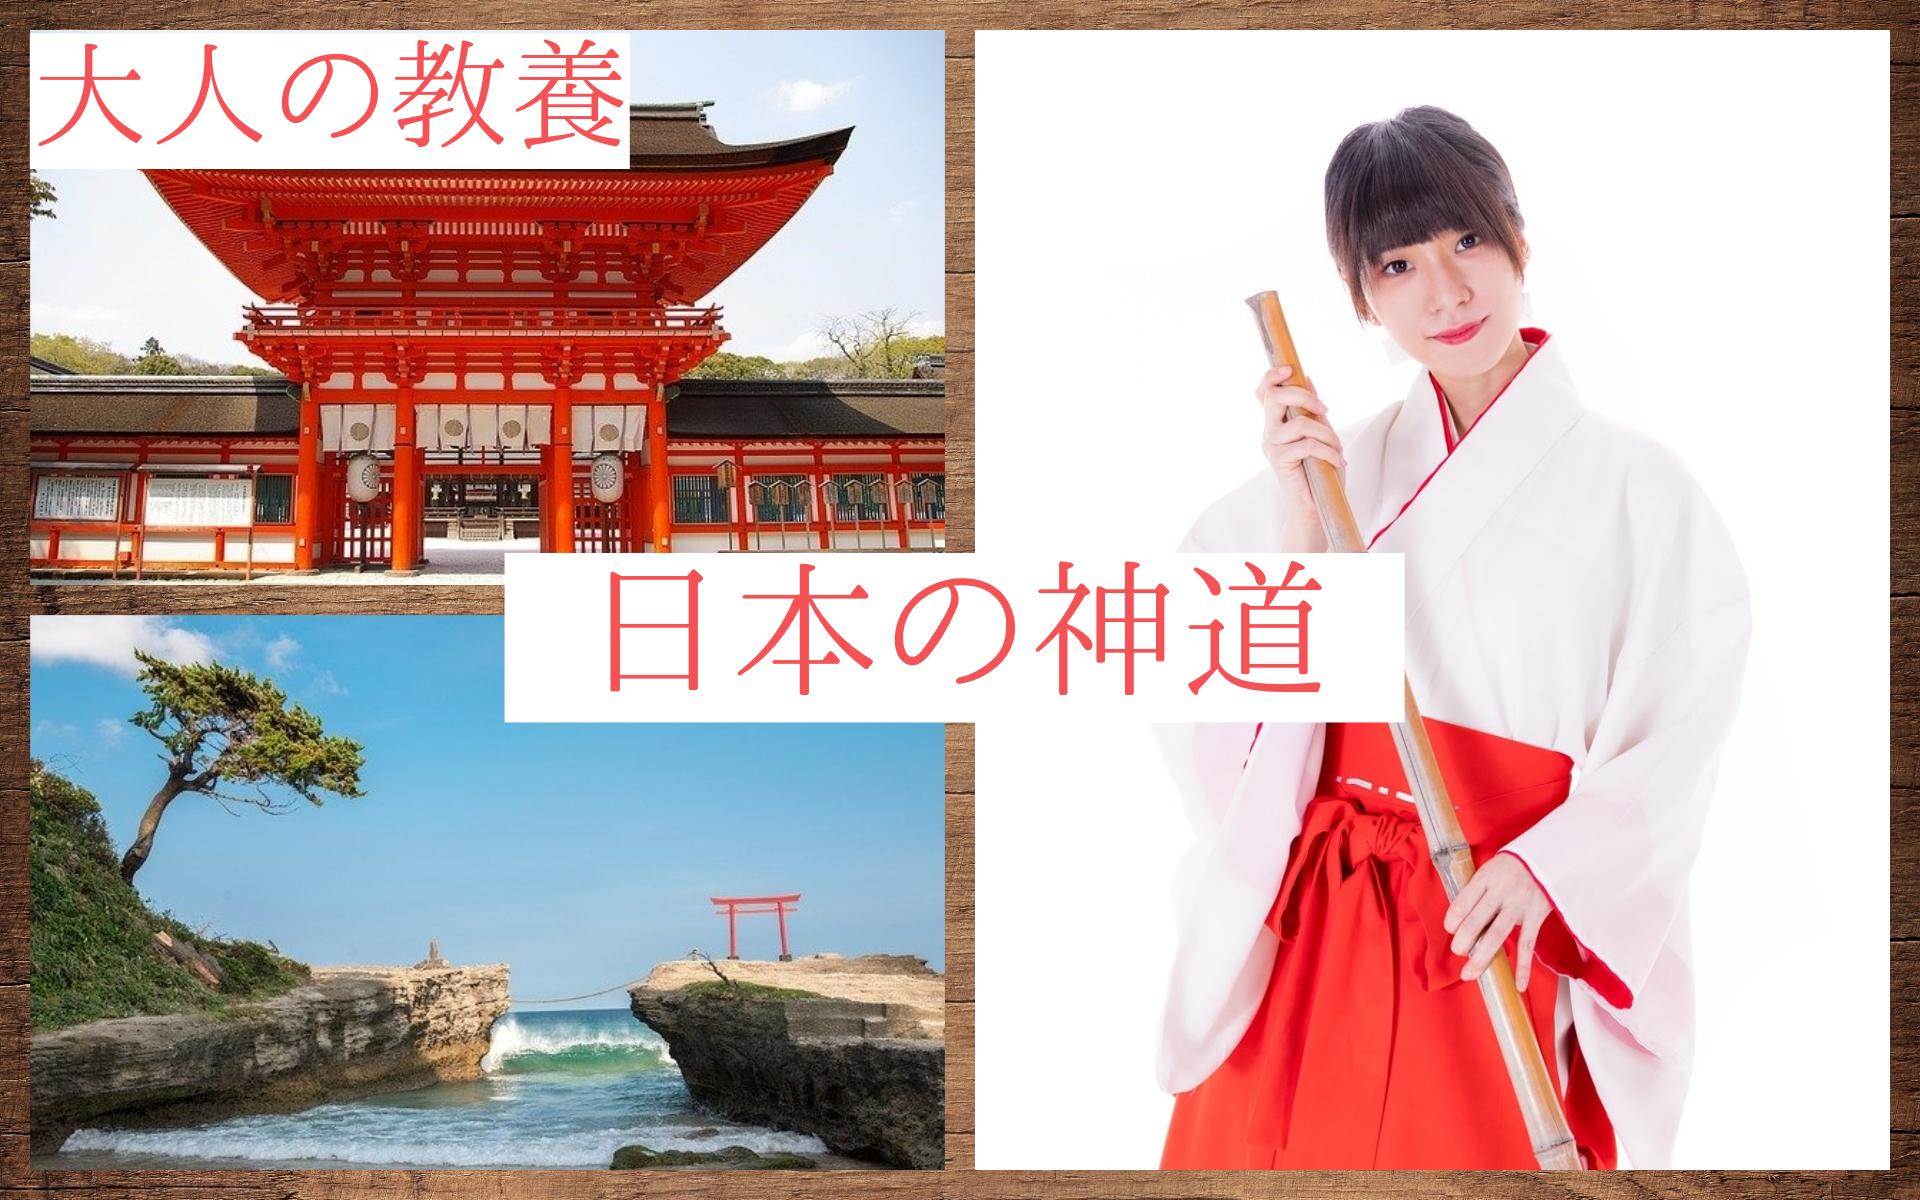 知っておきたい大人の教養 日本の神道は特徴的な宗教だった